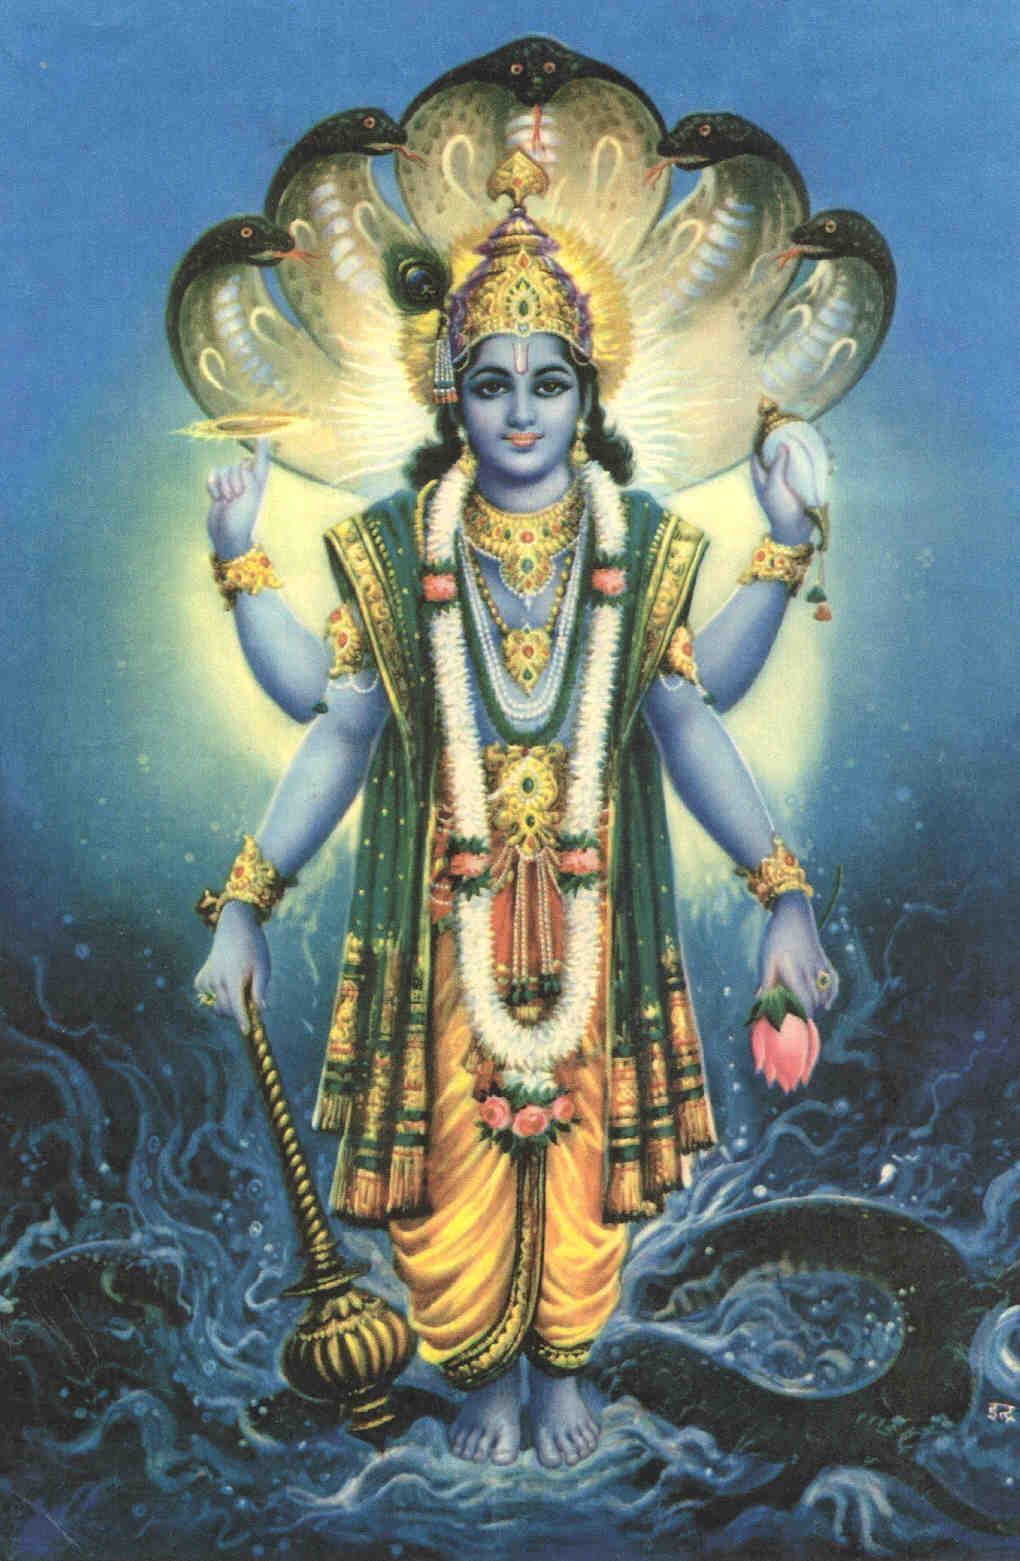 Cultura de las religiones ultima entrada hinduismo - Principios del hinduismo ...